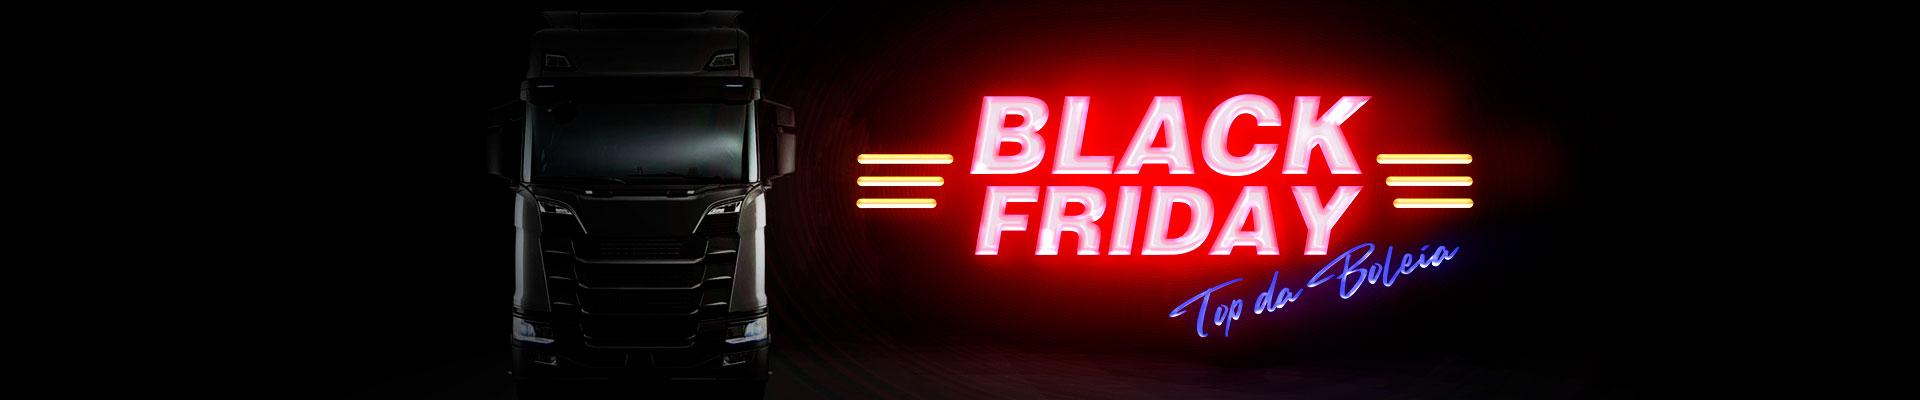 Black Friday Top da Boleia